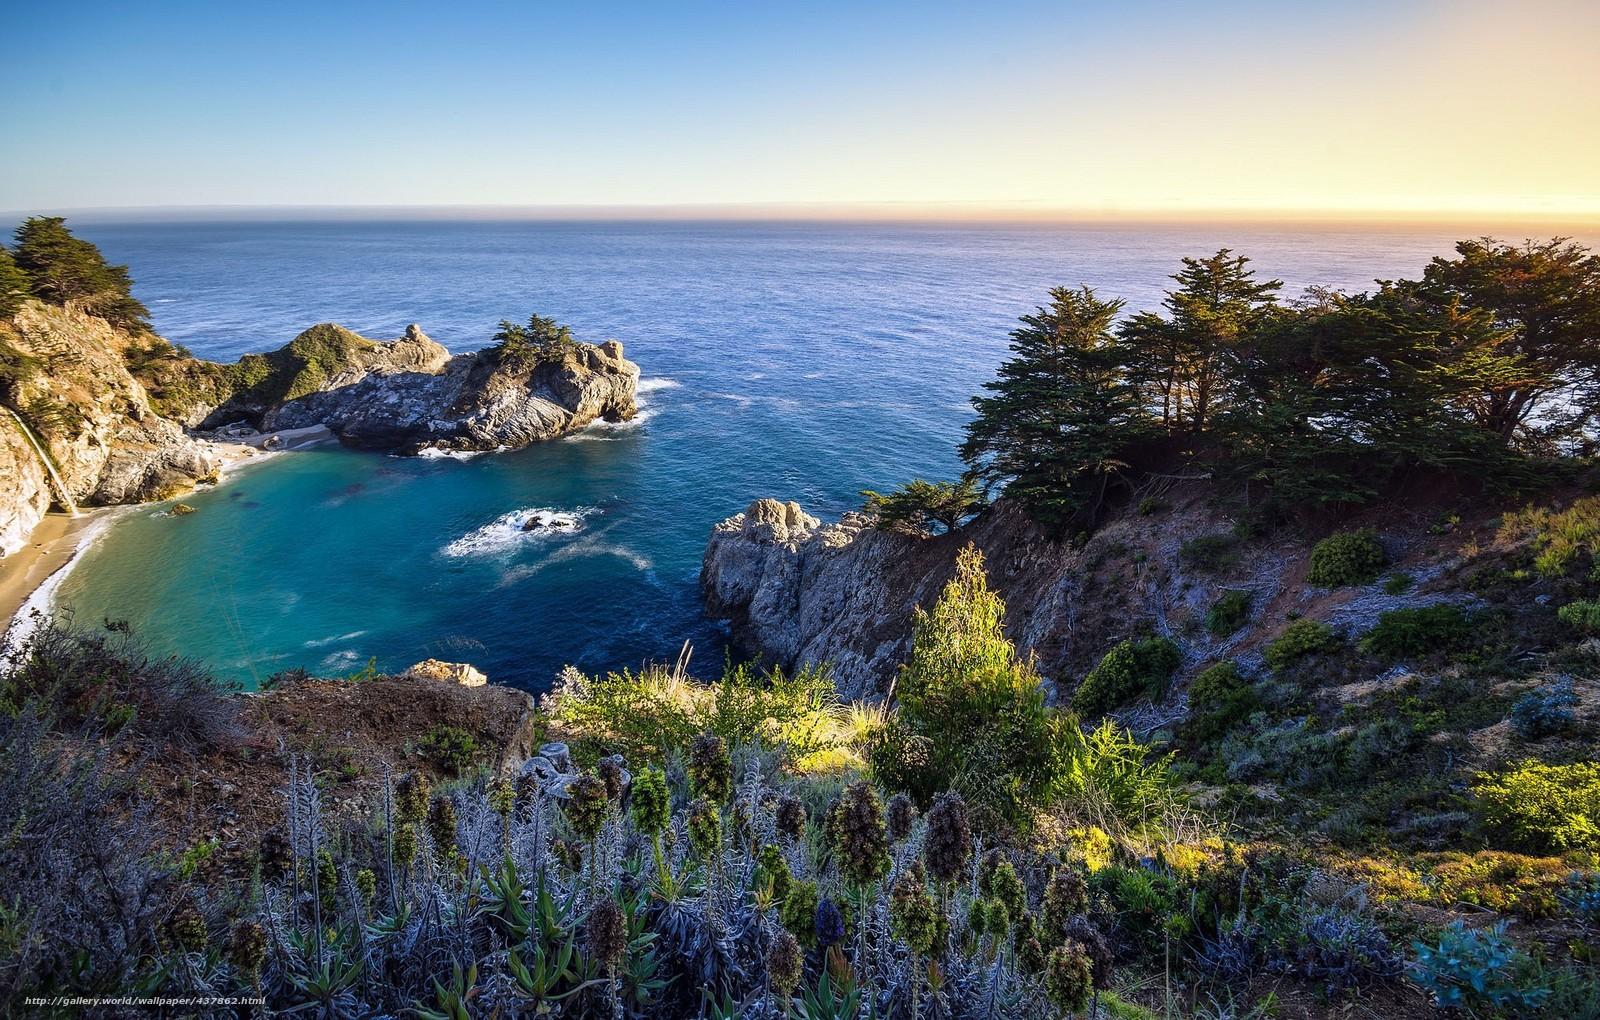 Tlcharger fond d 39 ecran beau paysage lever du soleil mer for Beau fond ecran gratuit